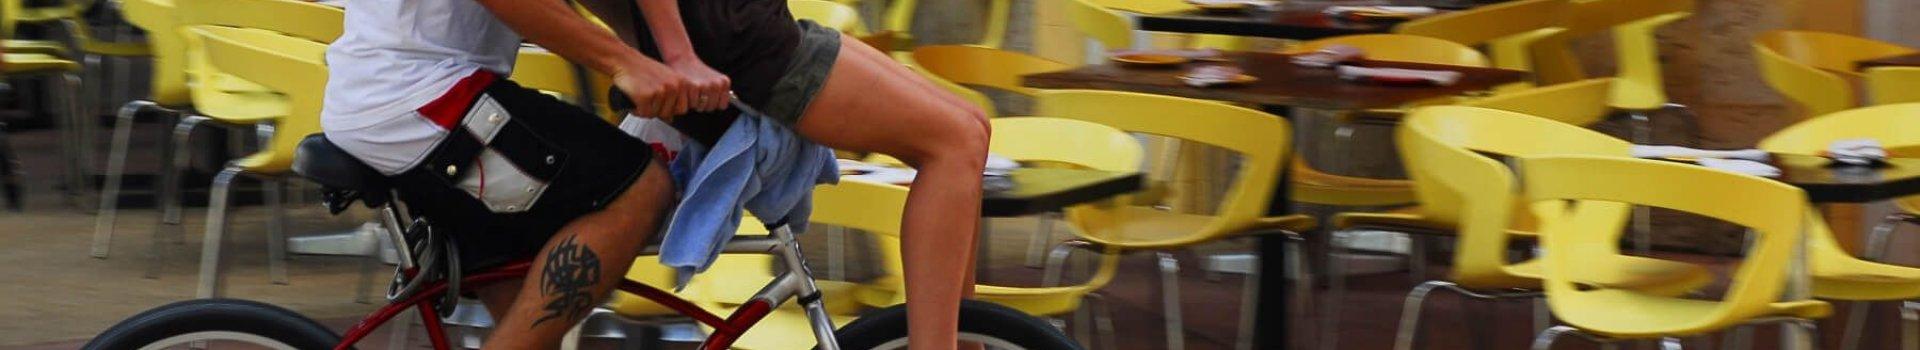 Rowery miejskie, czyli jak zastąpić auto na krótkich dystansach